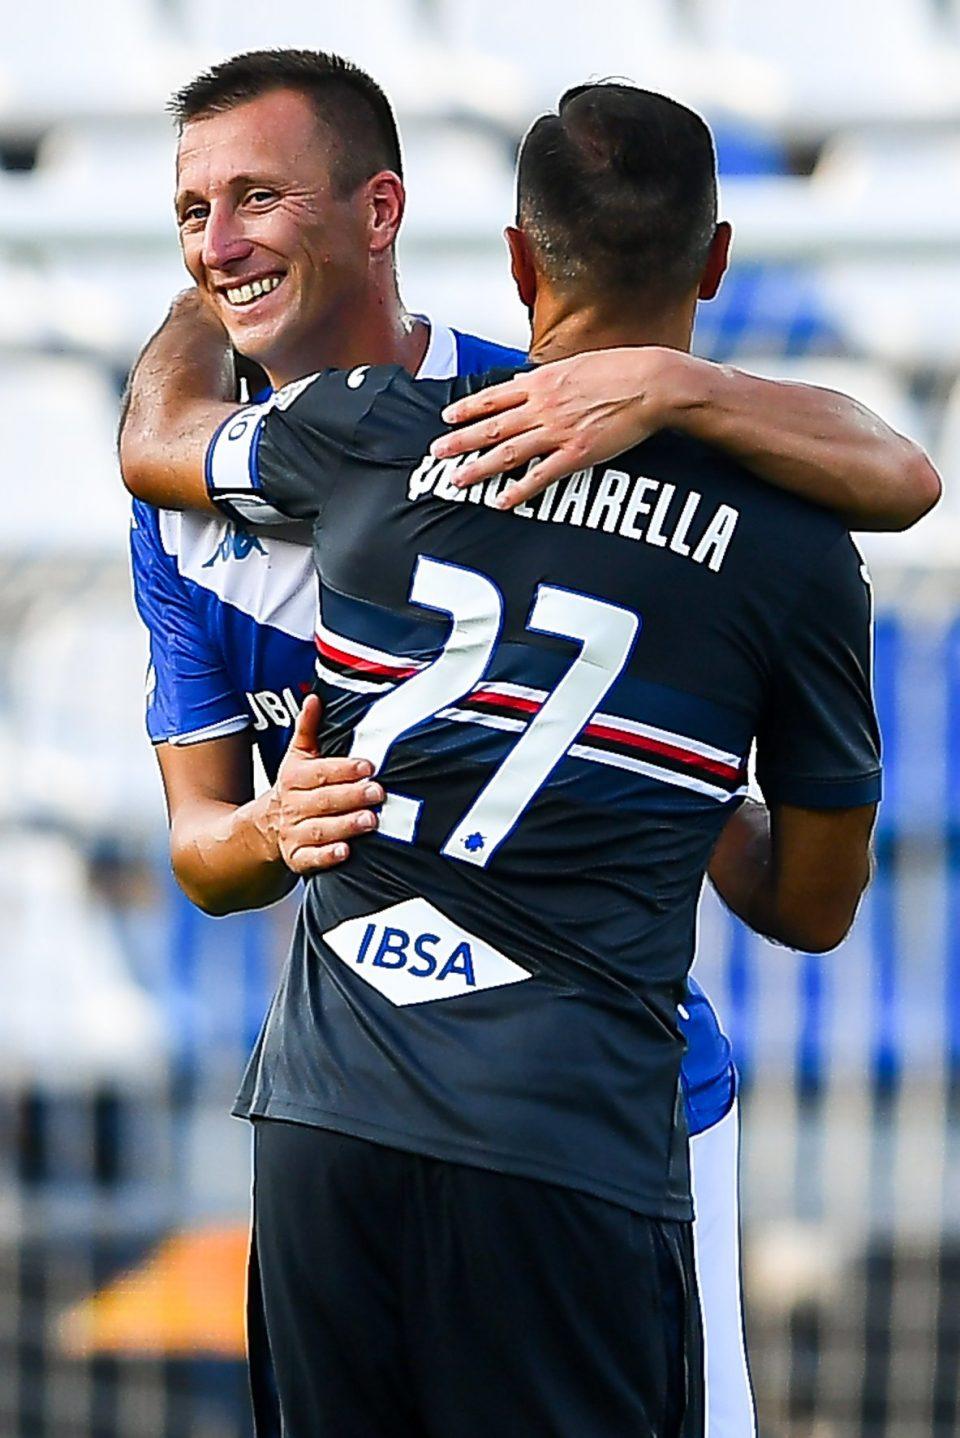 Abbraccio tra Quagliarella e Gastaldello: per il difensore si tratta dell'addio al calcio